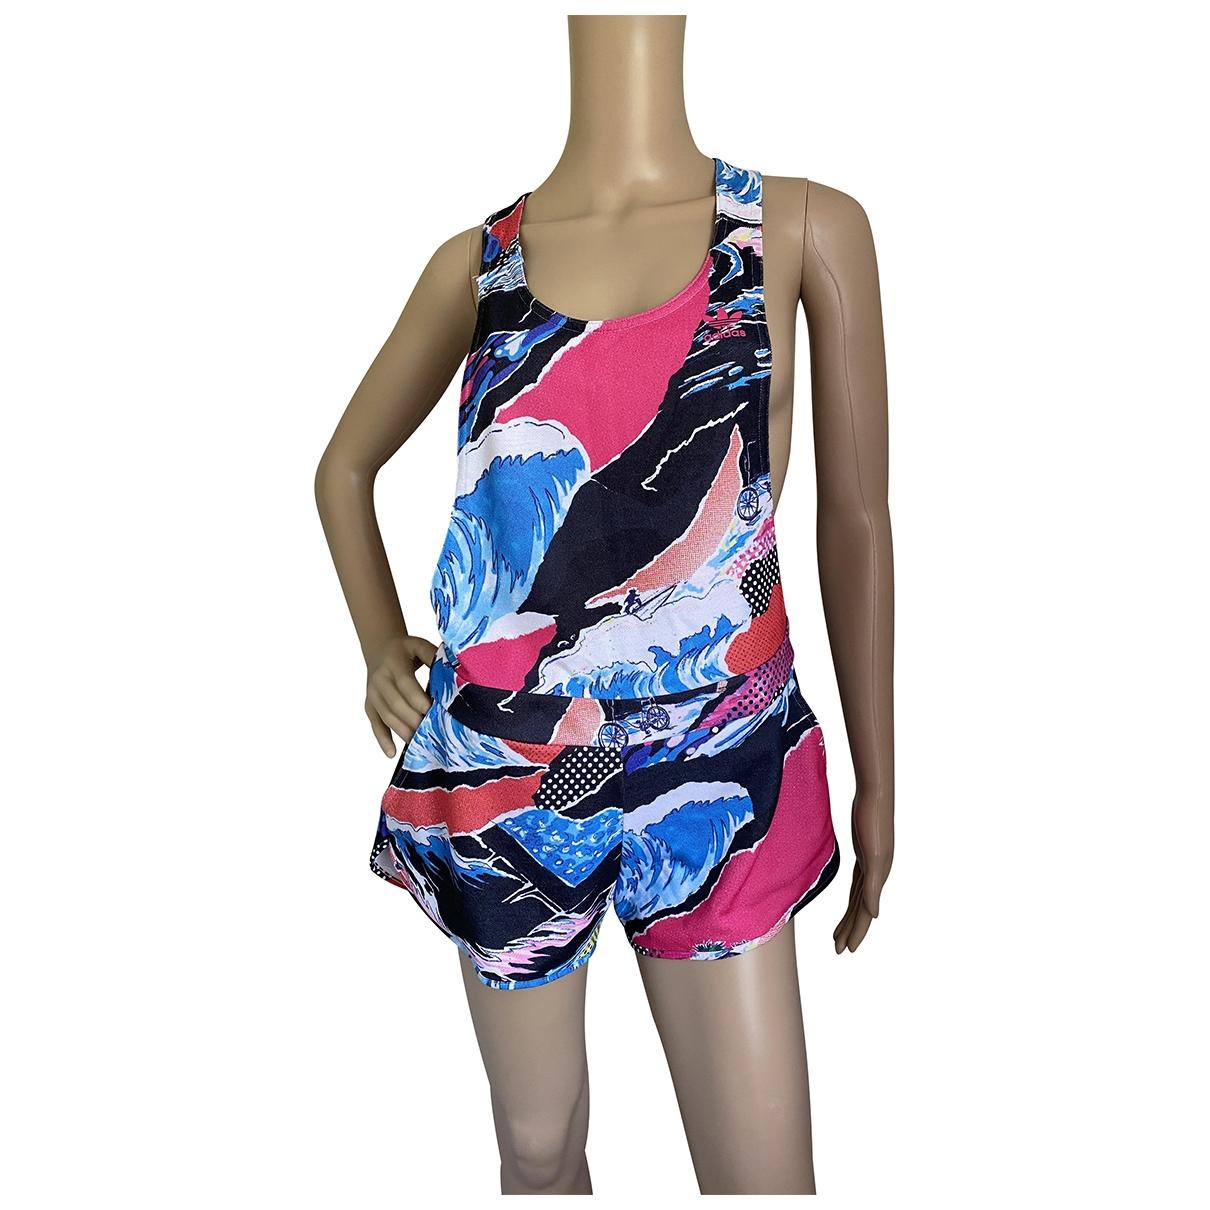 Adidas - Combinaison   pour femme - multicolore